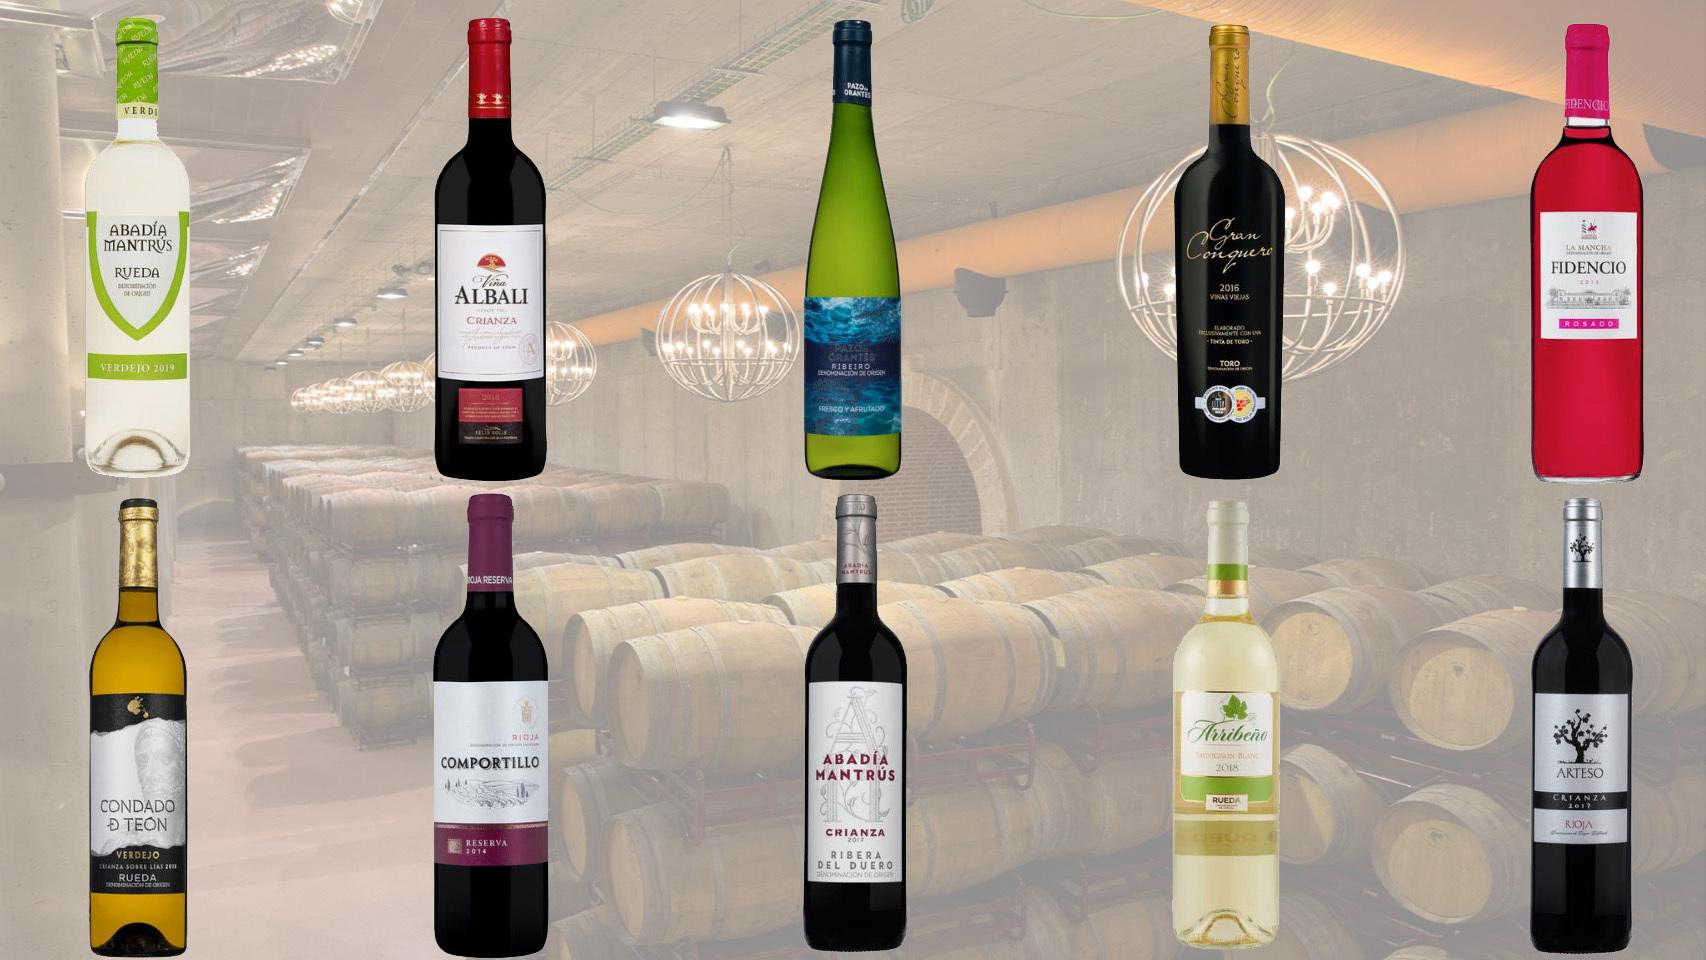 La Vinoteca De Mercadona Con Bodegas Exclusivas Los 48 Denominación De Origen Por Menos De 5